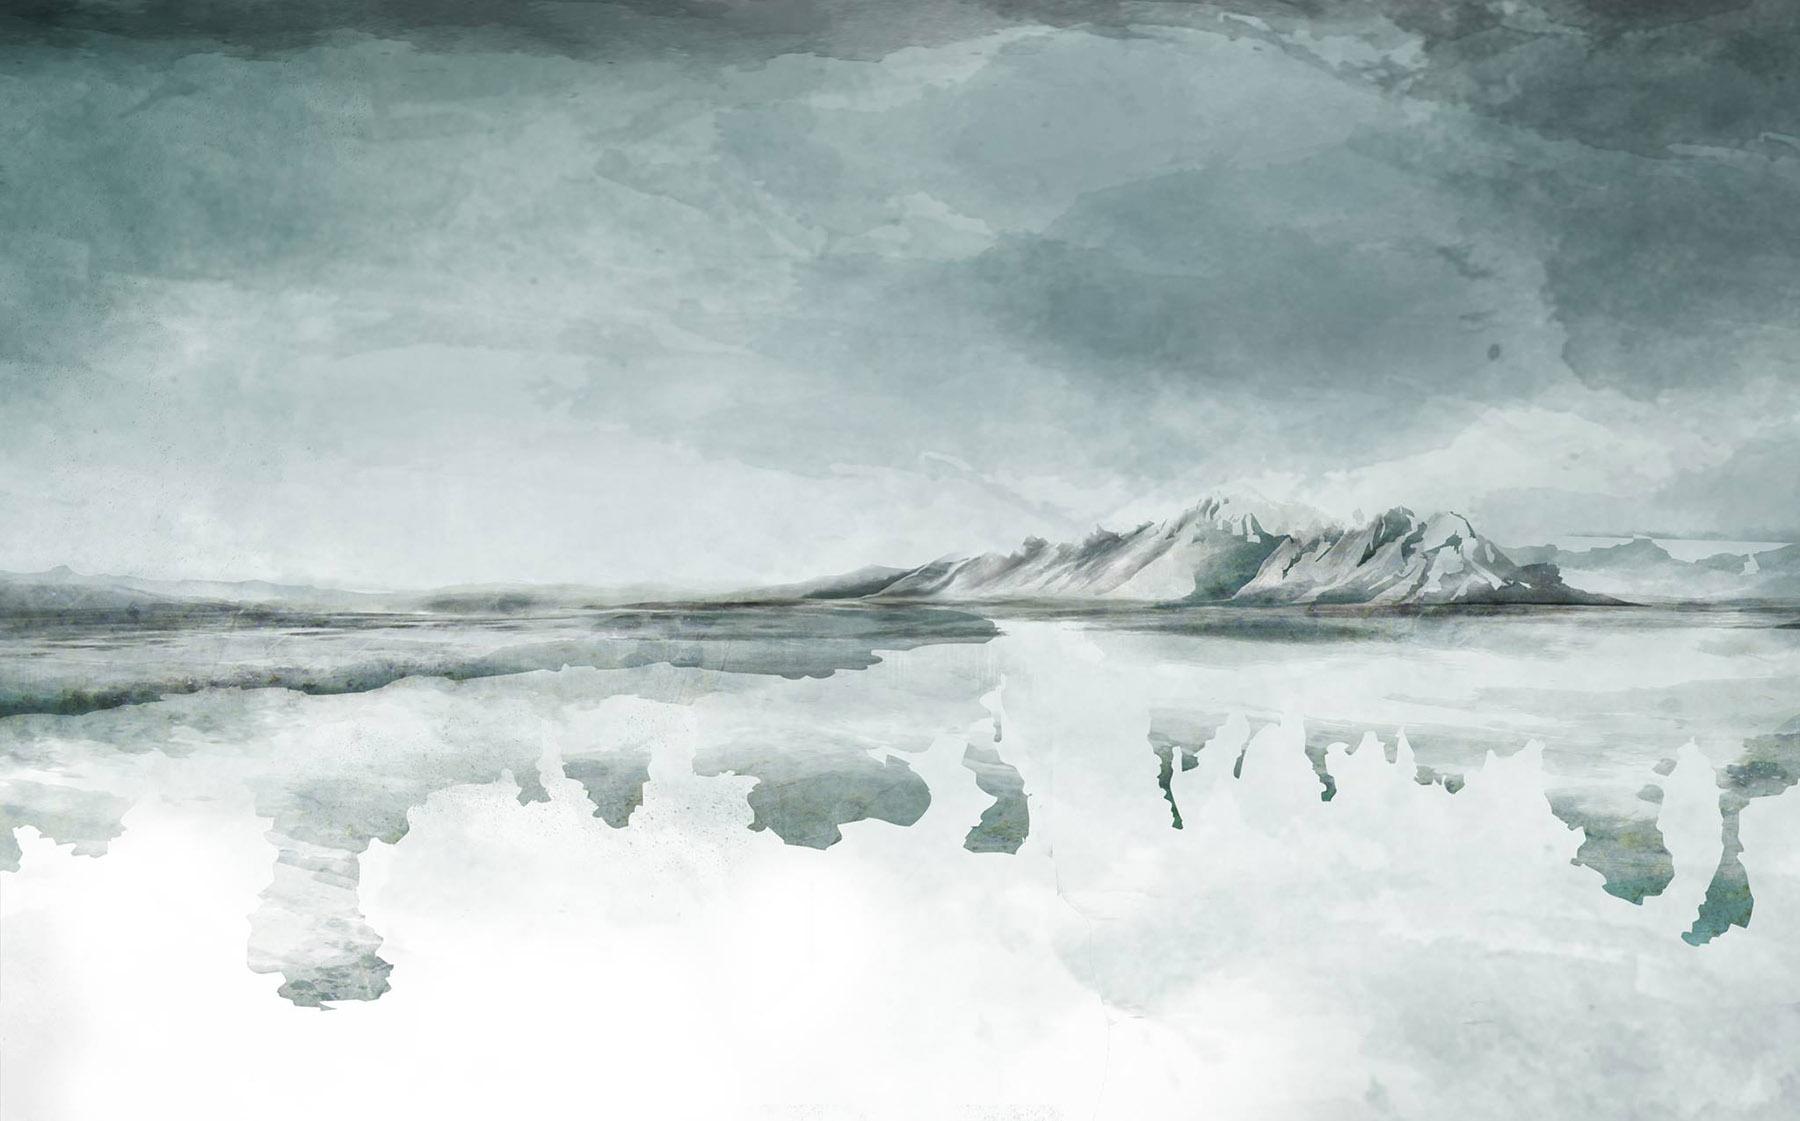 Watercolor_landascape_ateliercrilo.com.jpg